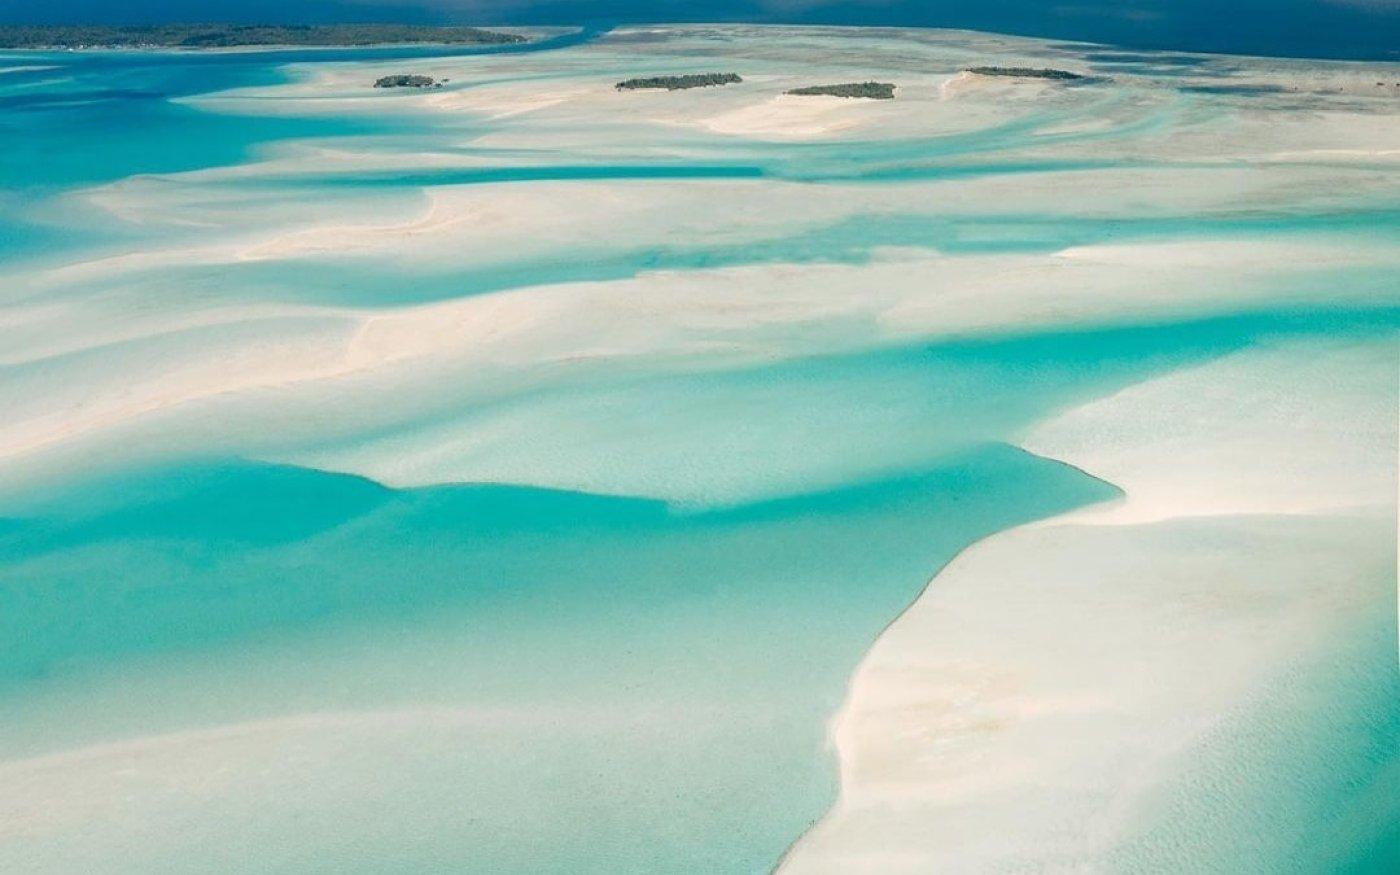 Φωτό ημέρας οι πανέμορφες παραλίες του νησιού Βόρνεο - Γαλαζοπράσινα νερά που μαγεύουν /@emmett_sparling - Κυρίως Φωτογραφία - Gallery - Video